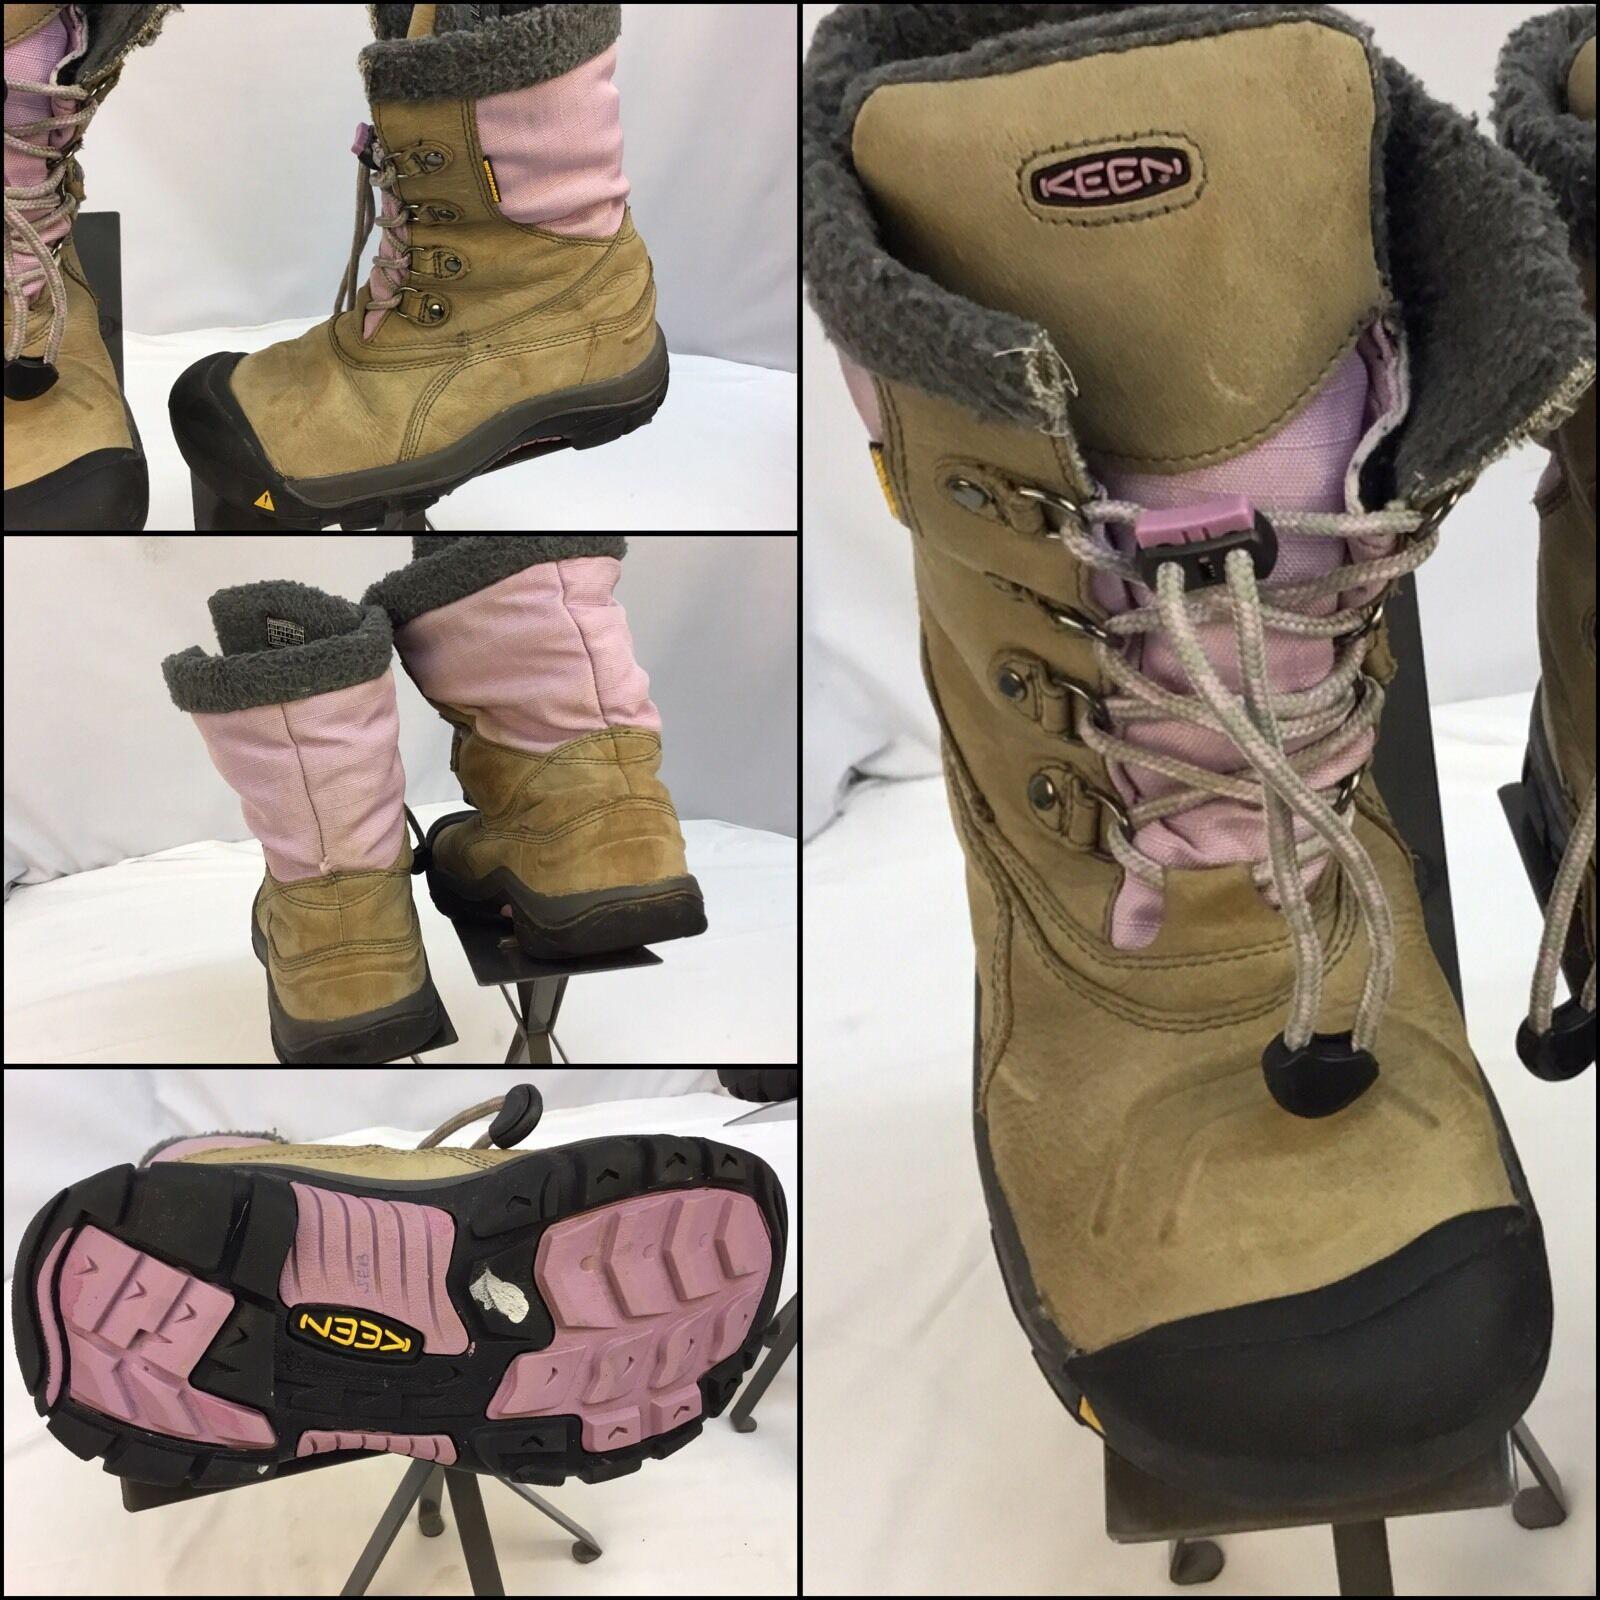 Keen botas De Nieve Talla 5 Mujeres Cuero Tostado Tostado Tostado rosado Cálido Impermeable 200 gramos ygi M6-116  Entrega rápida y envío gratis en todos los pedidos.